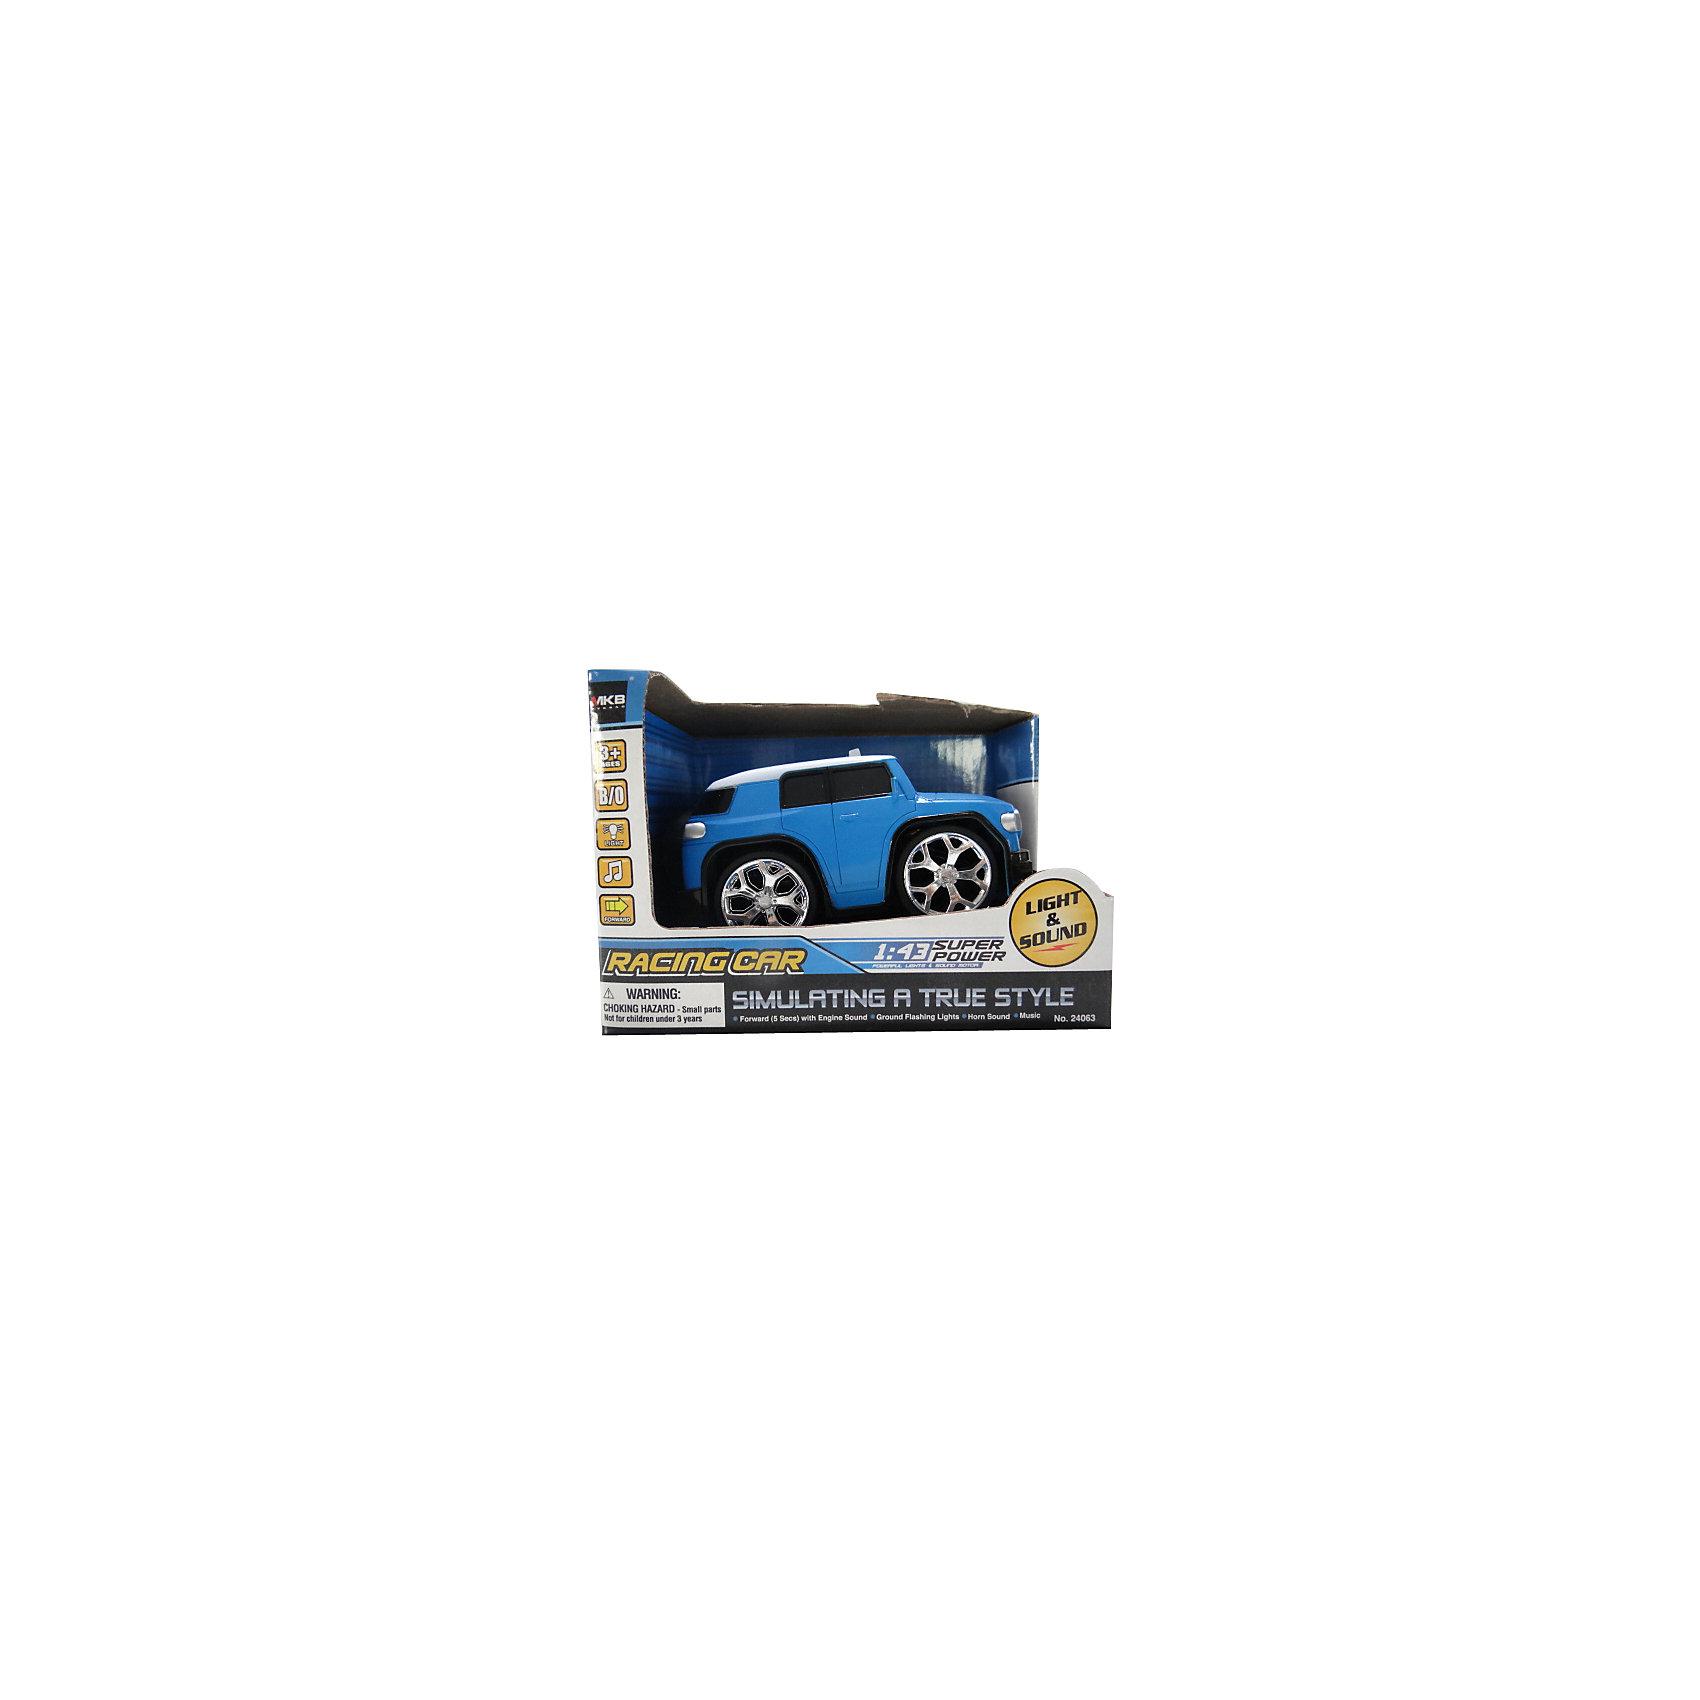 Машинка интерактивная со светом и звуком, синяя, Blue Sea